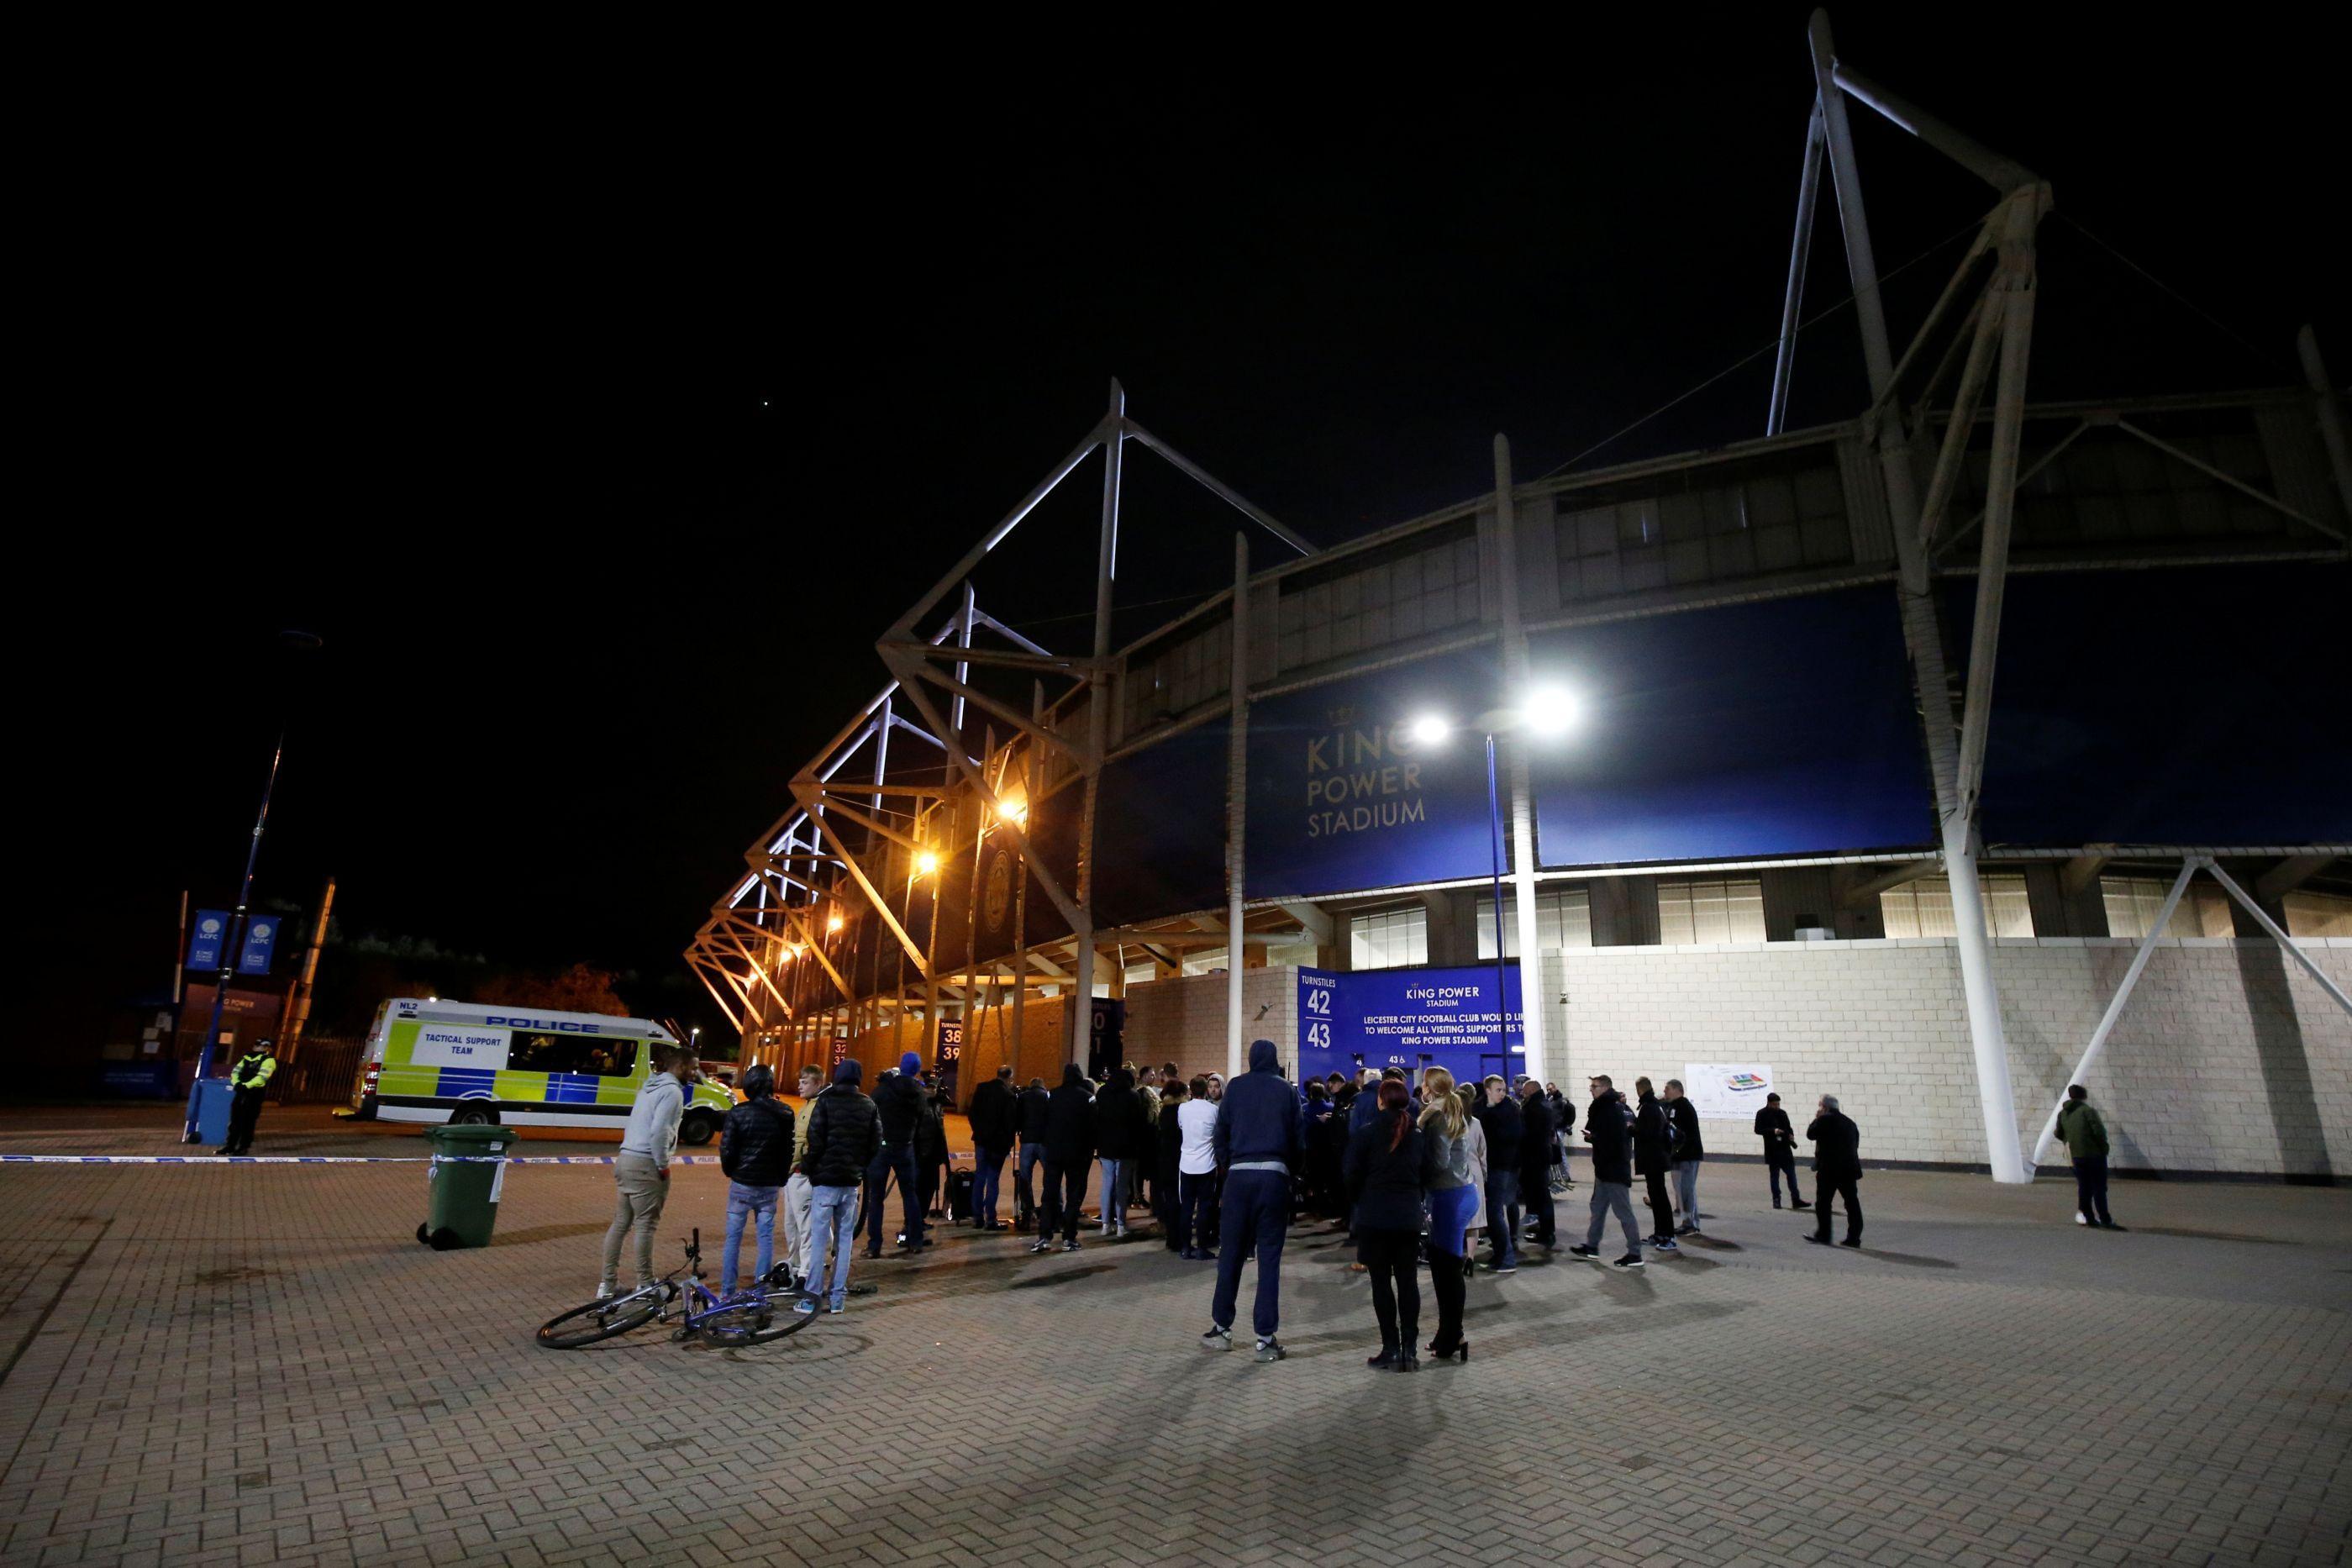 Presidente do Leicester estava no helicóptero que caiu junto ao estádio